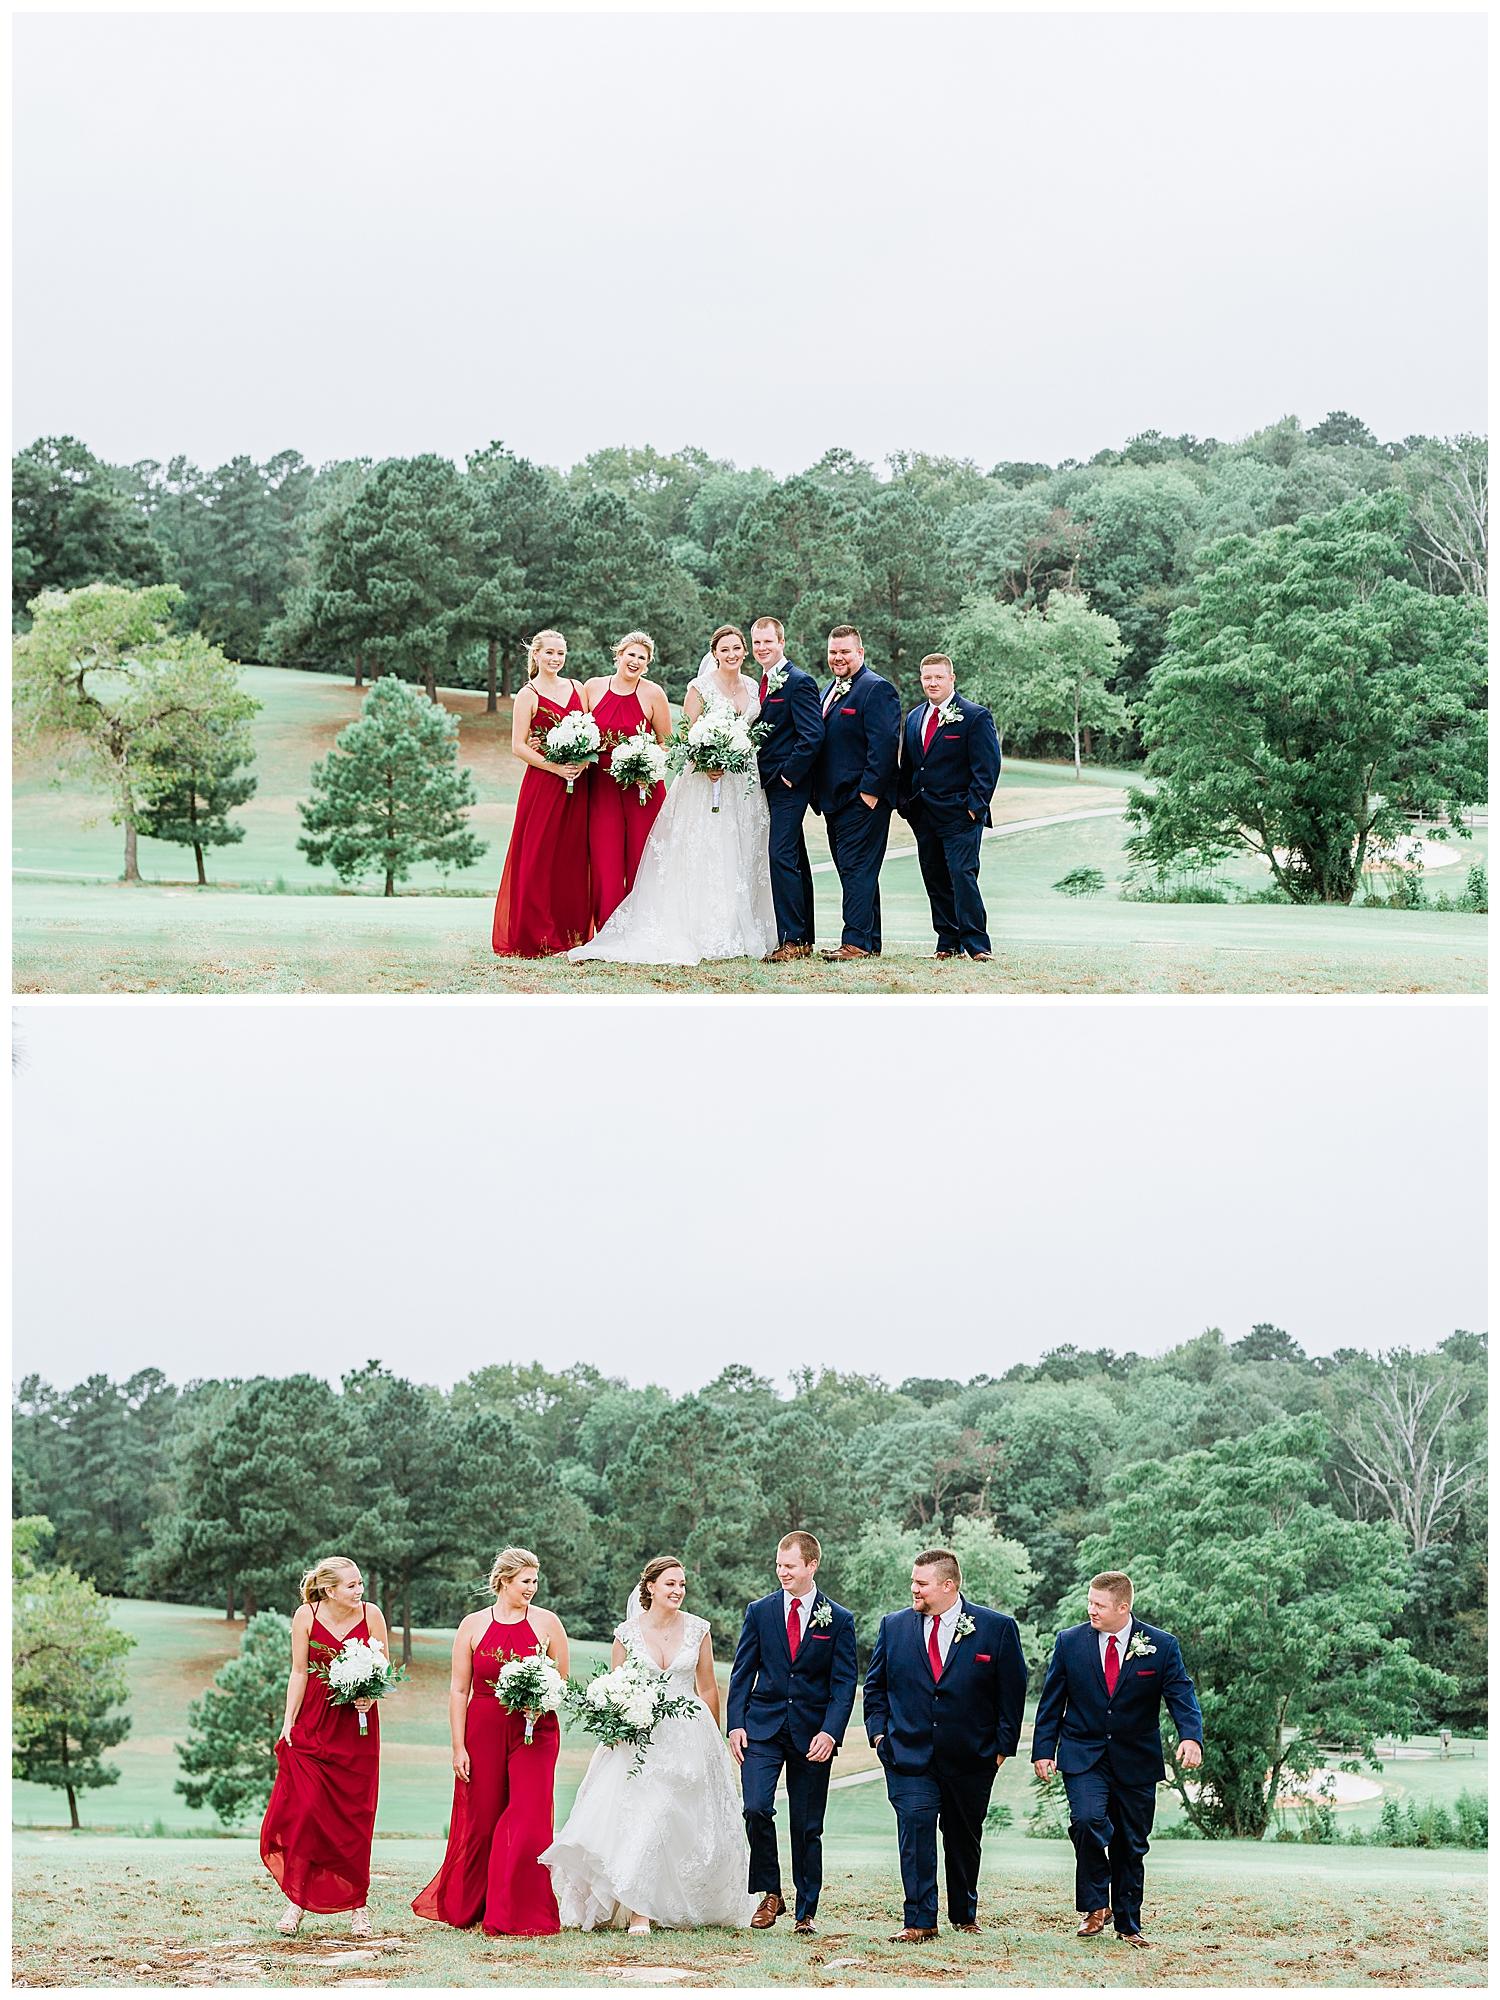 Fall Wedding at The Club at Lake Sinclair